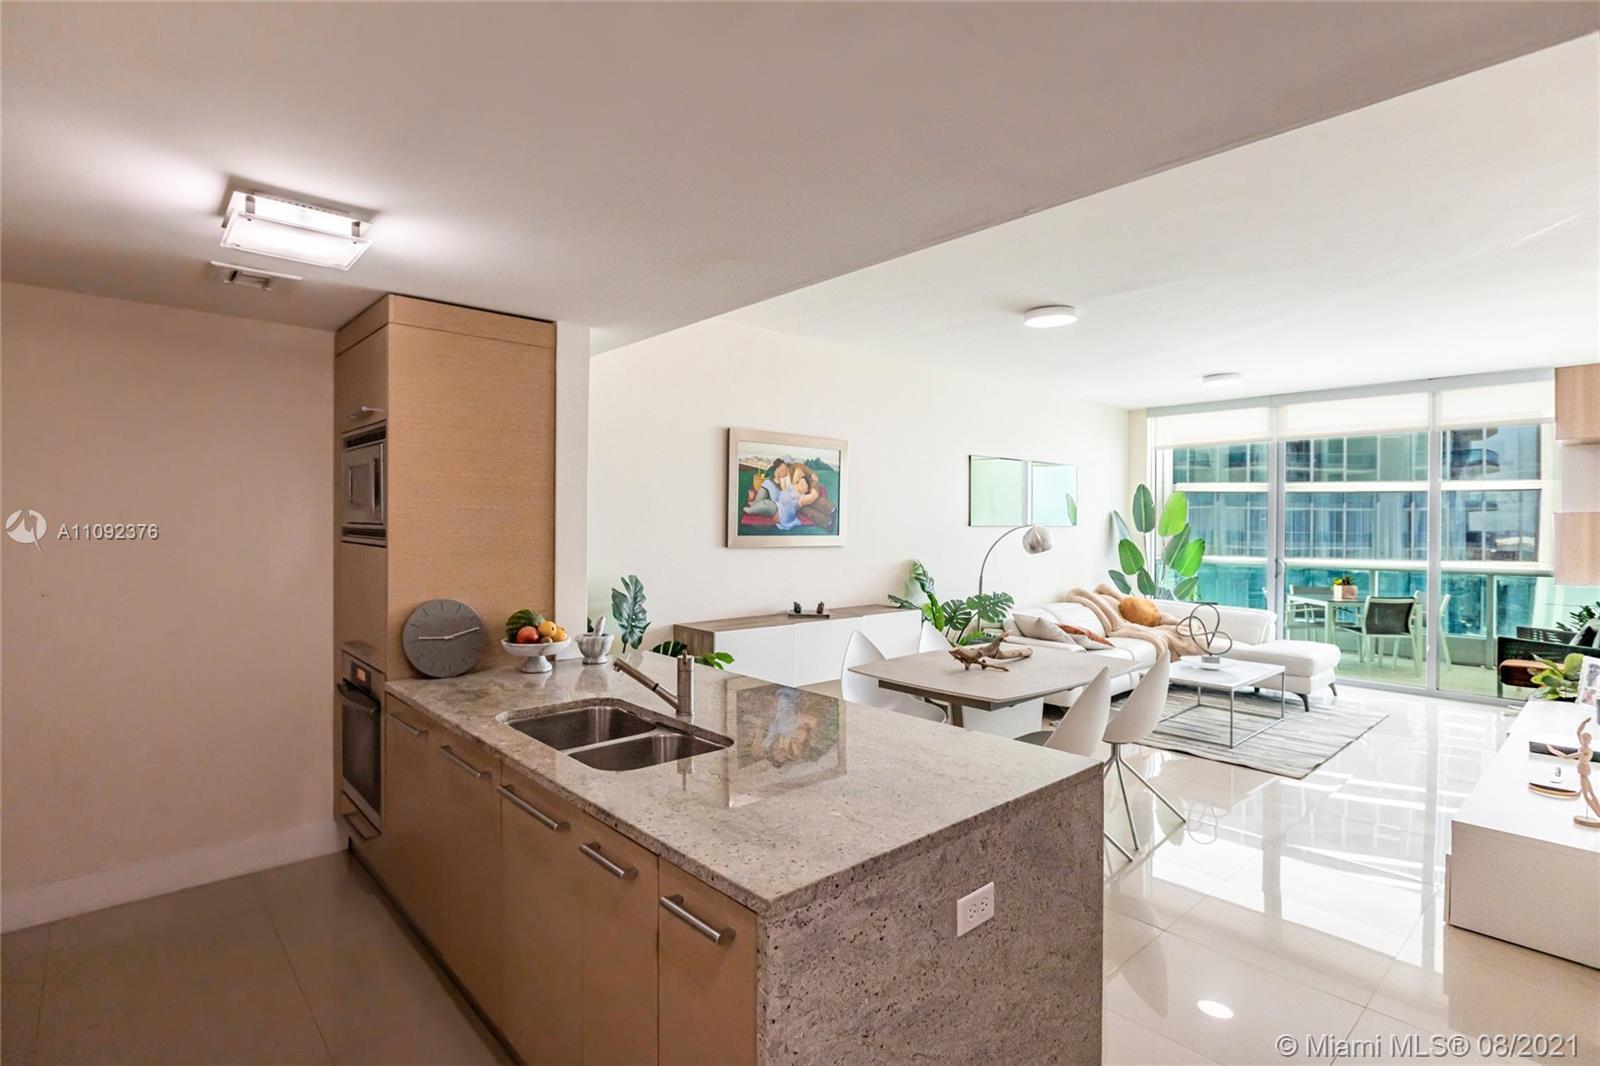 900 Biscayne Bay #1710 - 900 Biscayne Blvd #1710, Miami, FL 33132